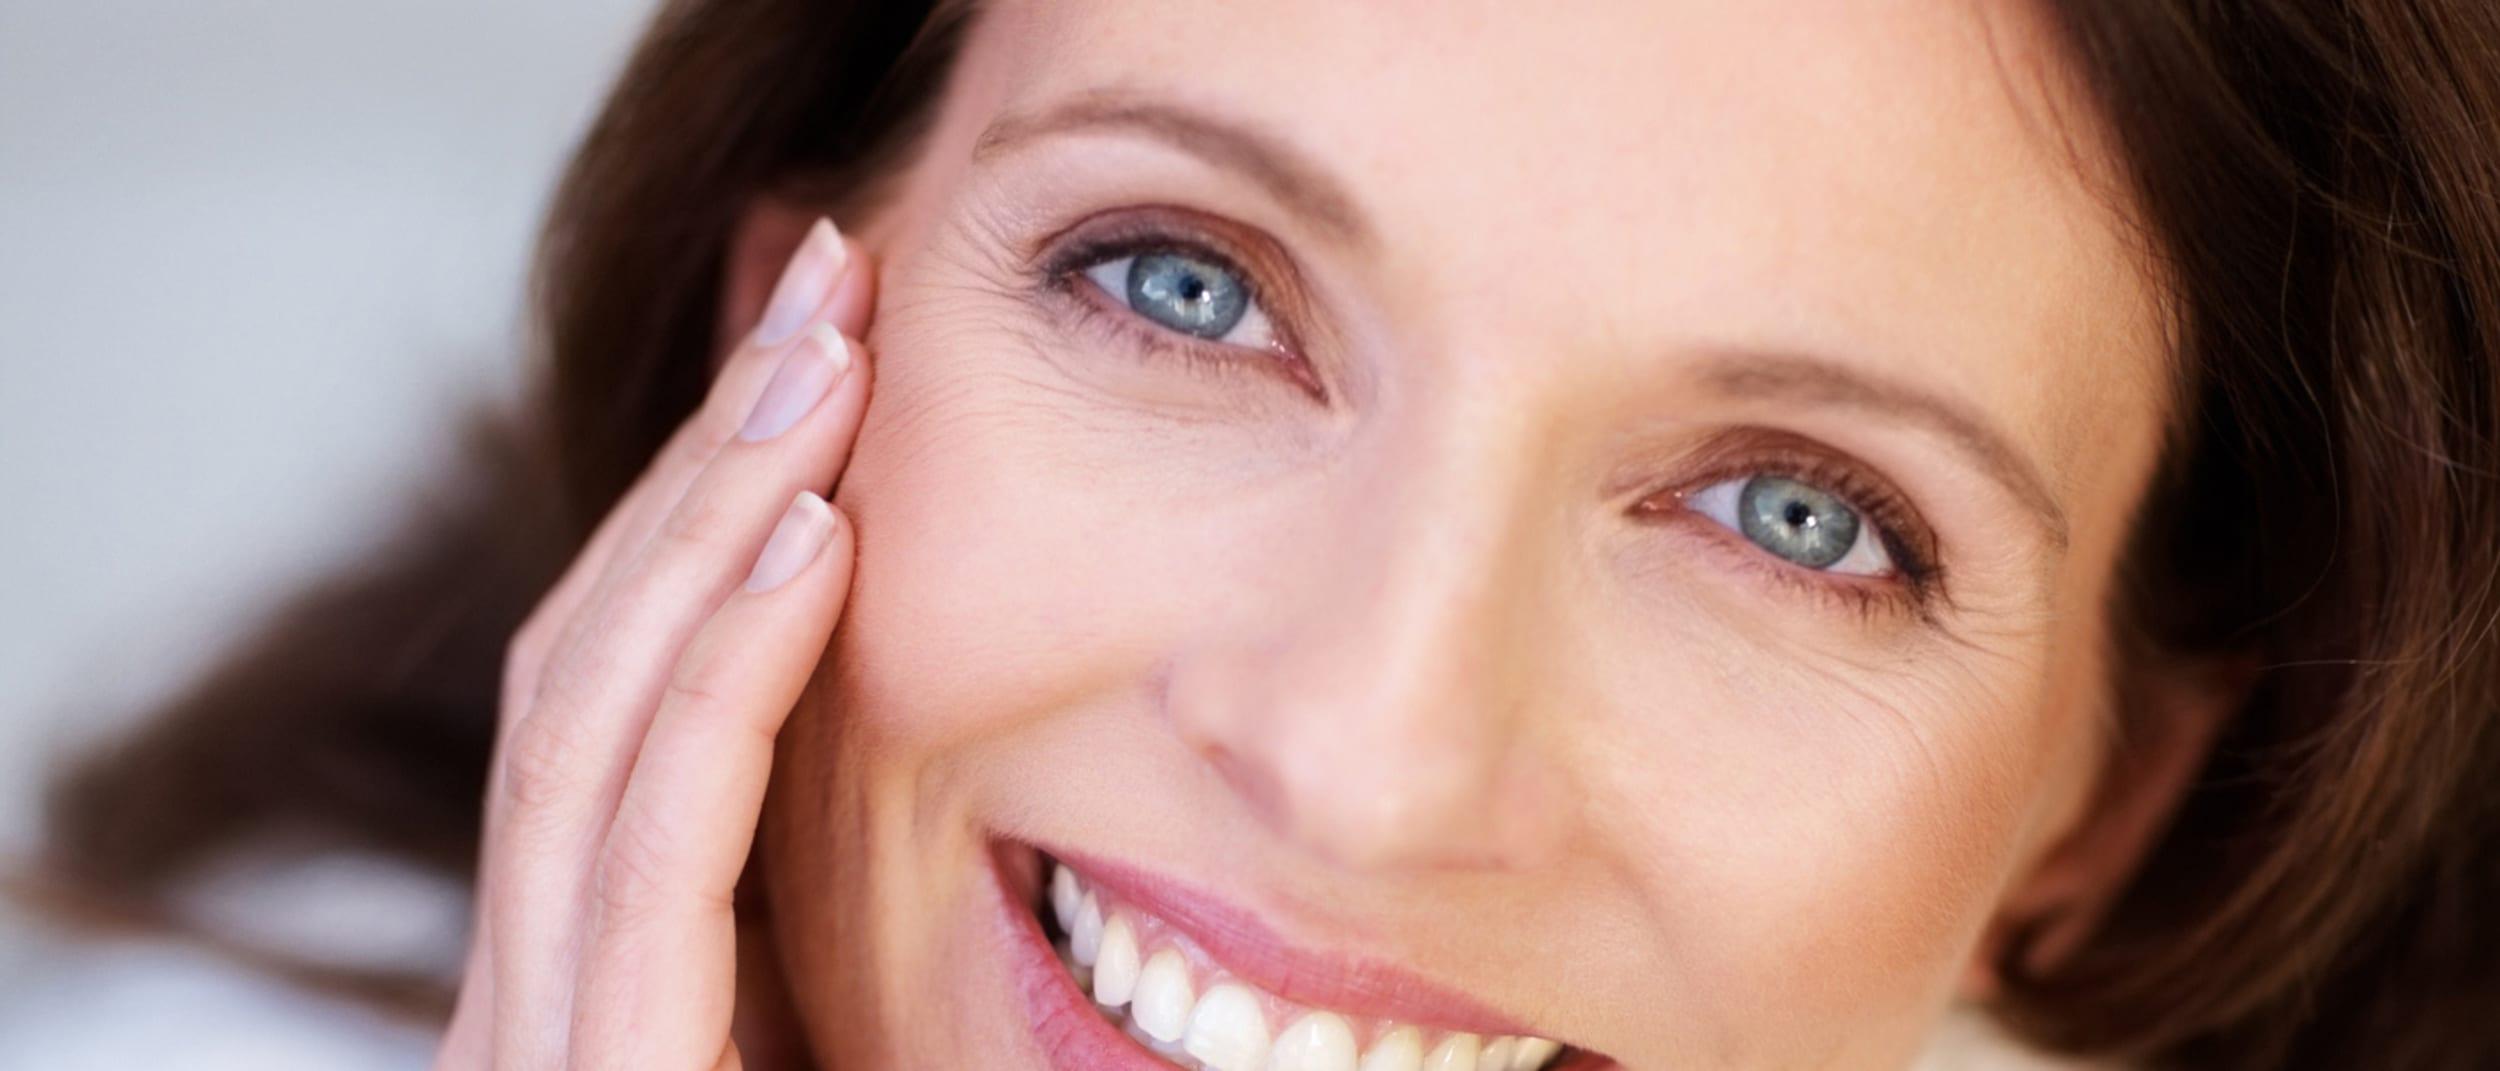 MySkin Laser: Wrinkle Treatments